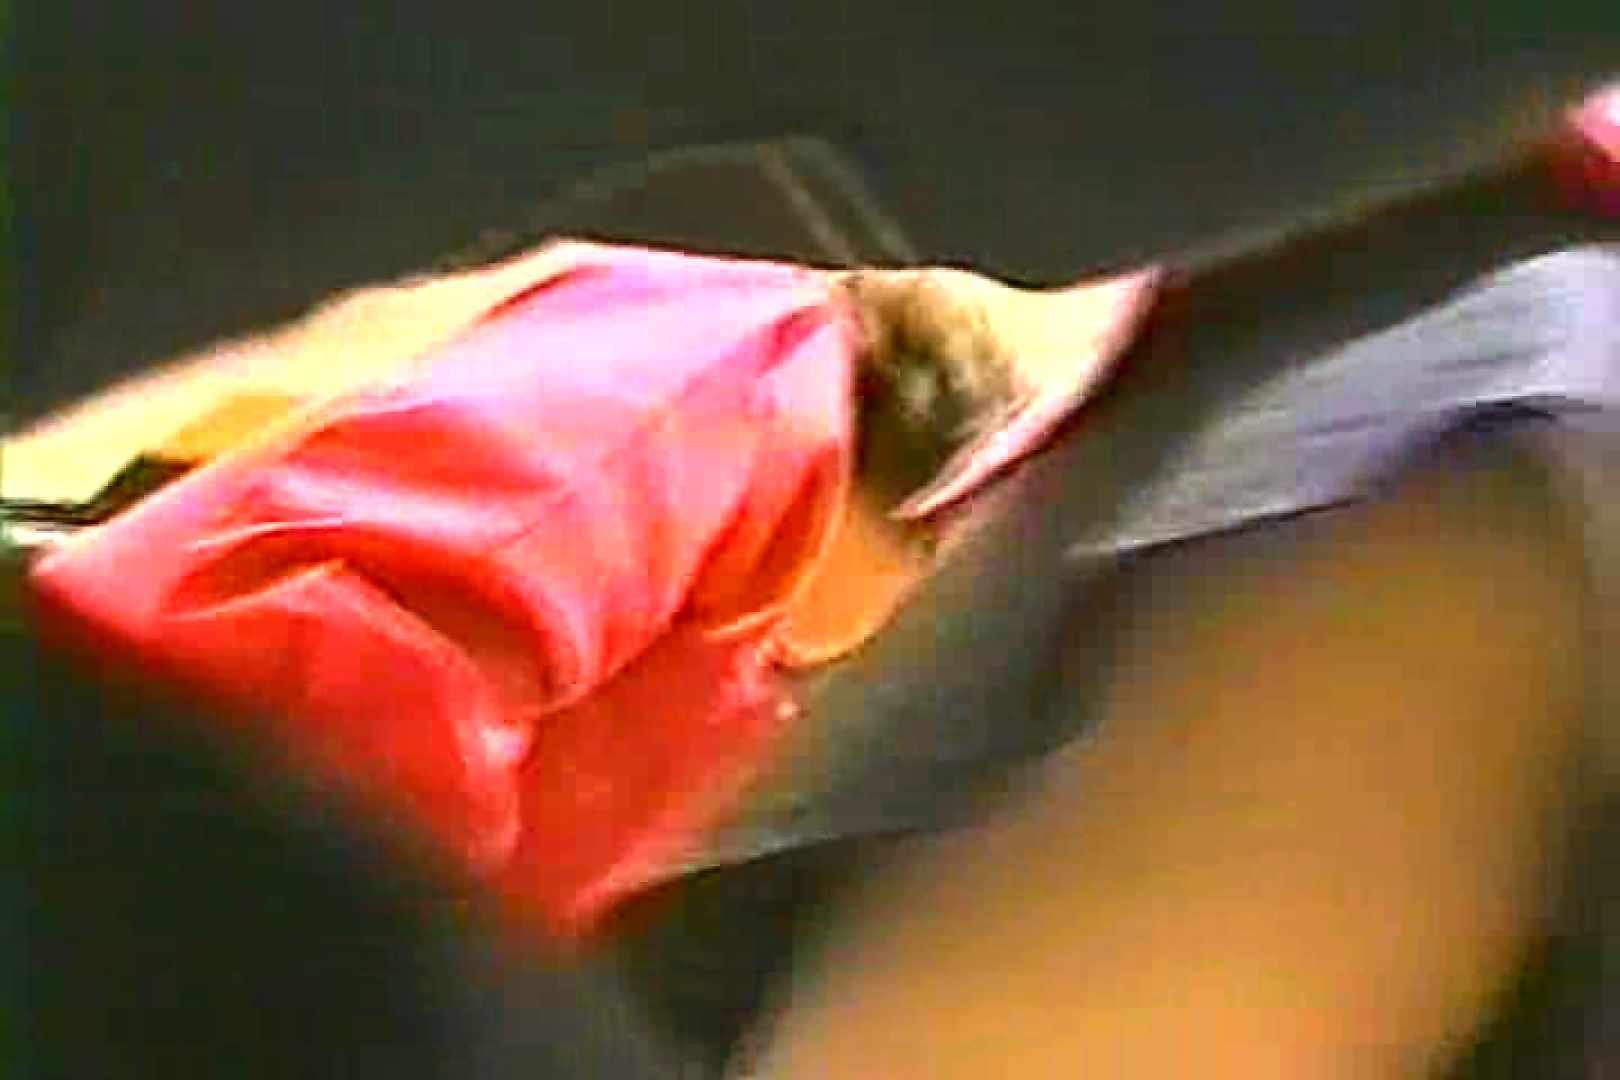 「ちくりん」さんのオリジナル未編集パンチラVol.9_02 チラ   パンチラのぞき  95画像 64